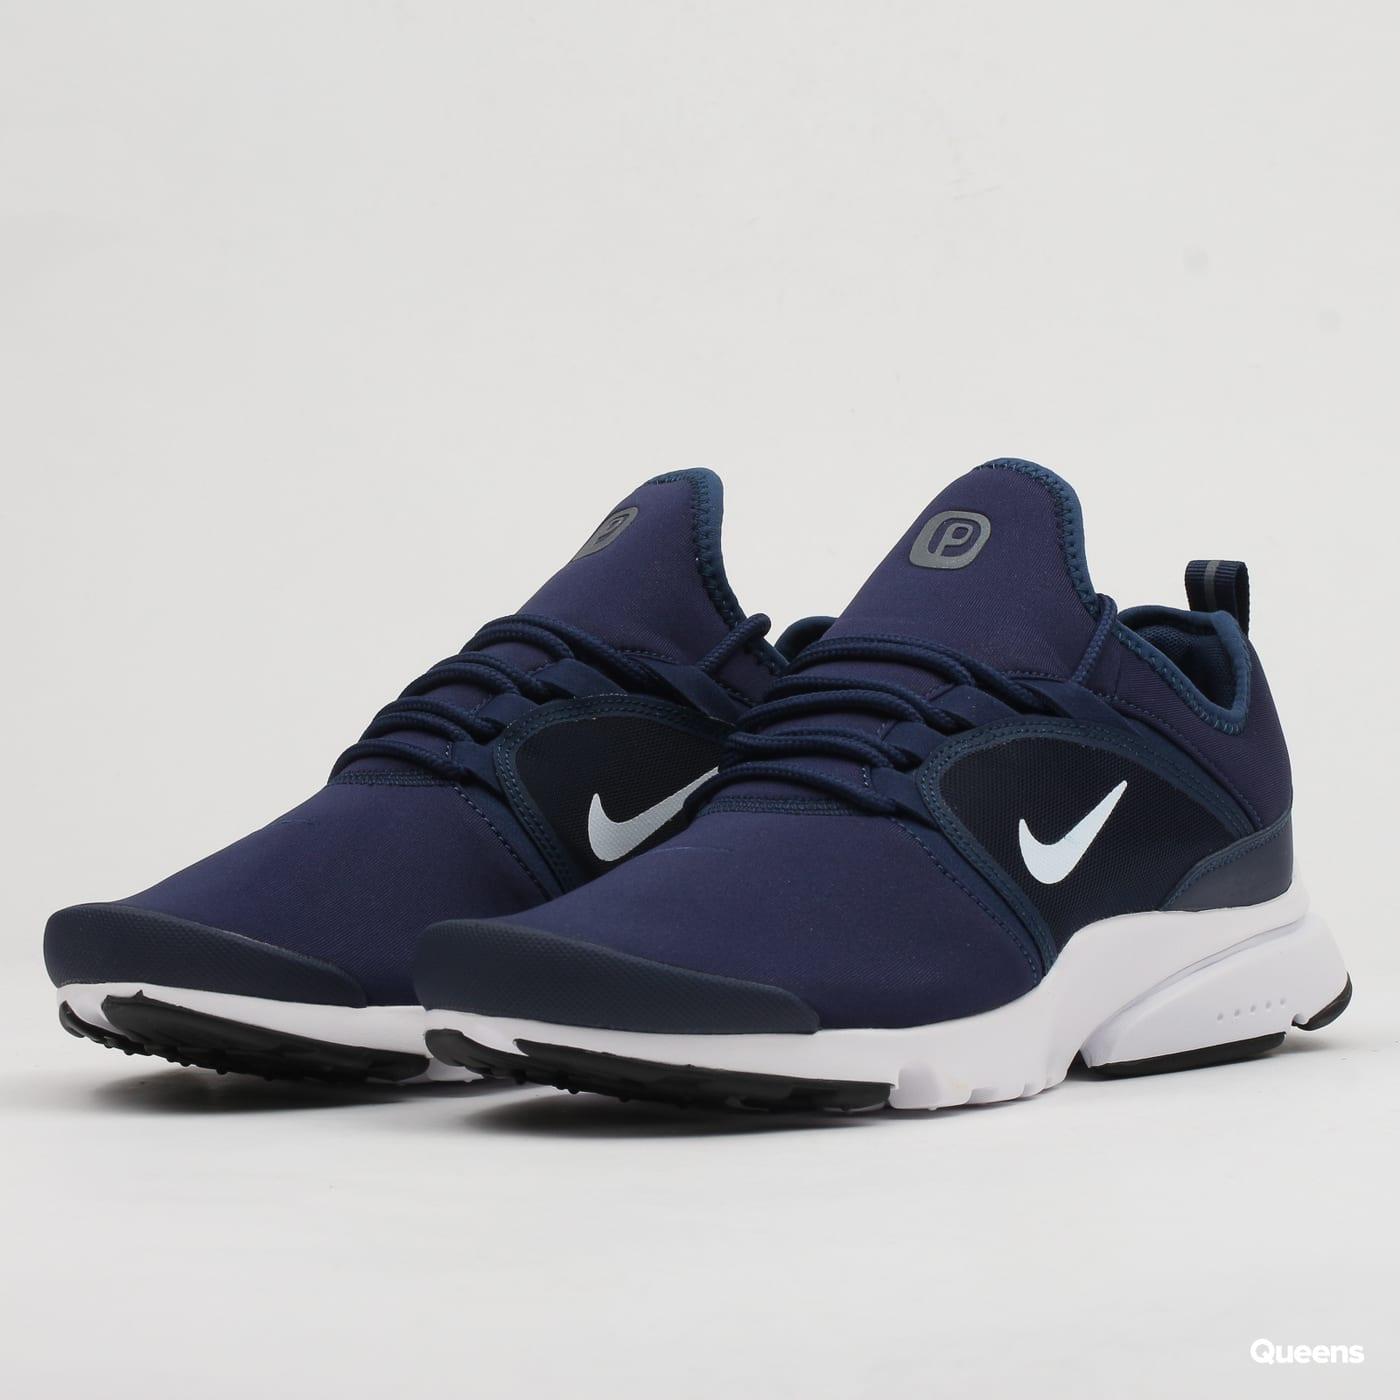 e3e7f0745f Sneakers Nike Presto Fly World midnight navy / white - black (AV7763-400) –  Queens 💚